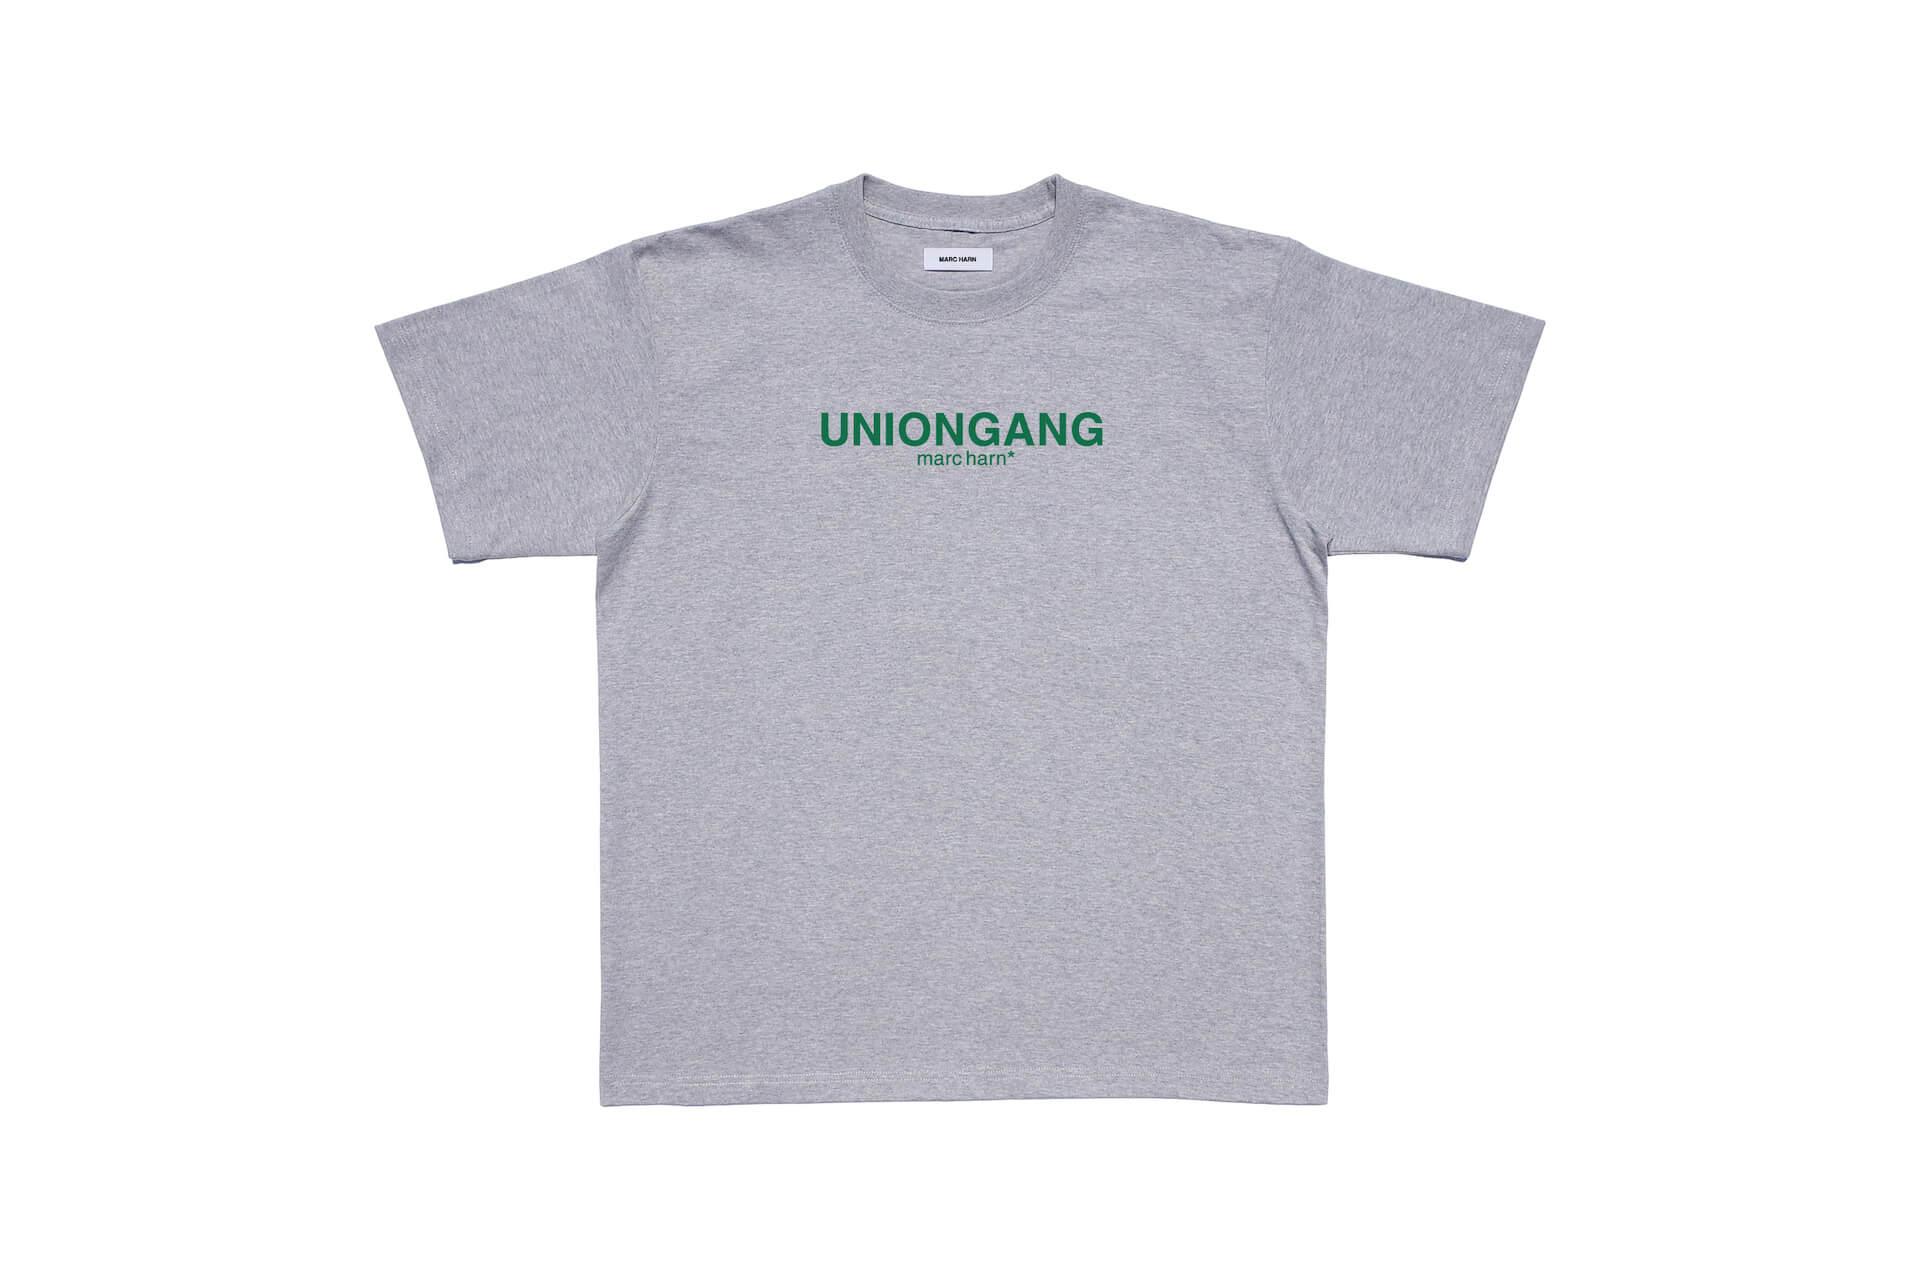 MARC HARNより架空国家「UNIONGANG」をコンセプトにした新コレクションが登場! life210608_marcharn_14